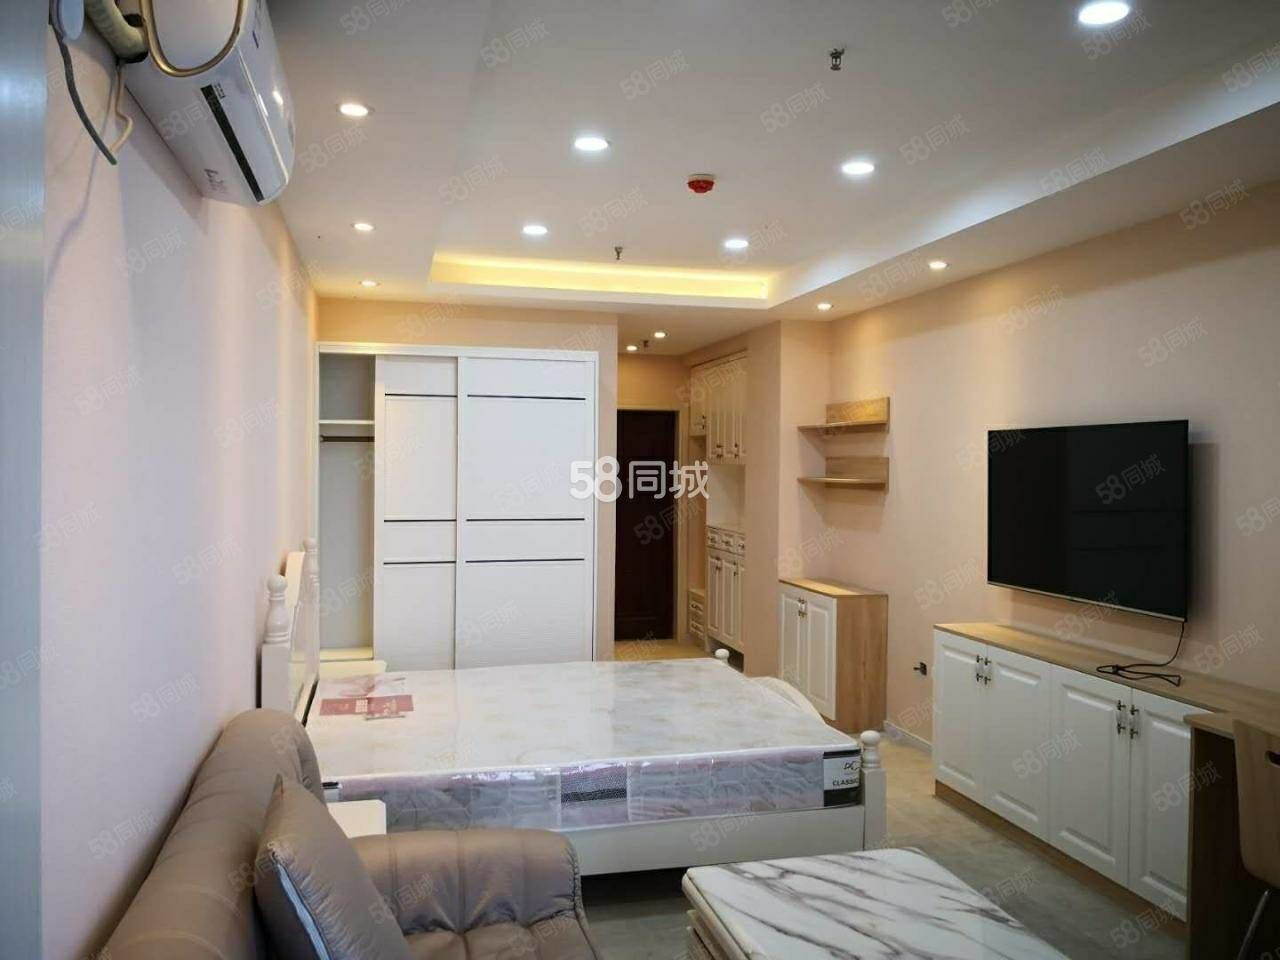 盛世国际1室电梯公寓精装修全新家具家电拎包入住有暖气有网线